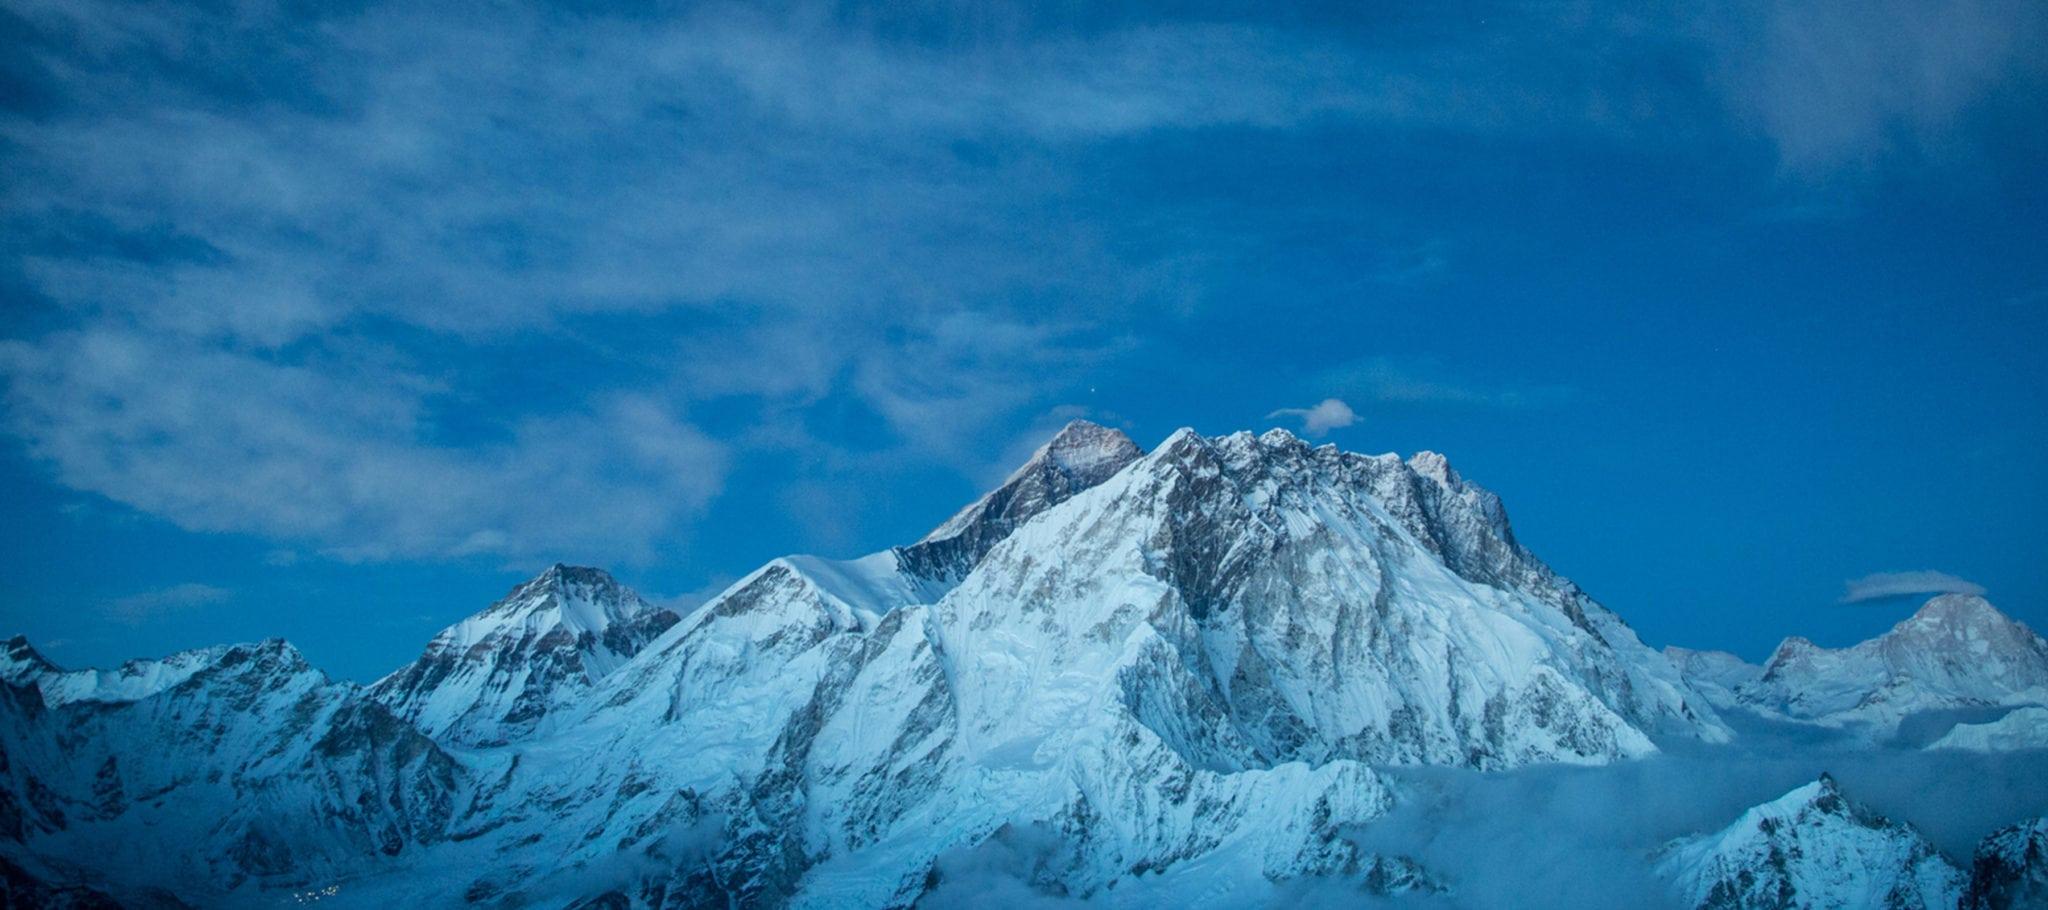 Six Summits Challenge